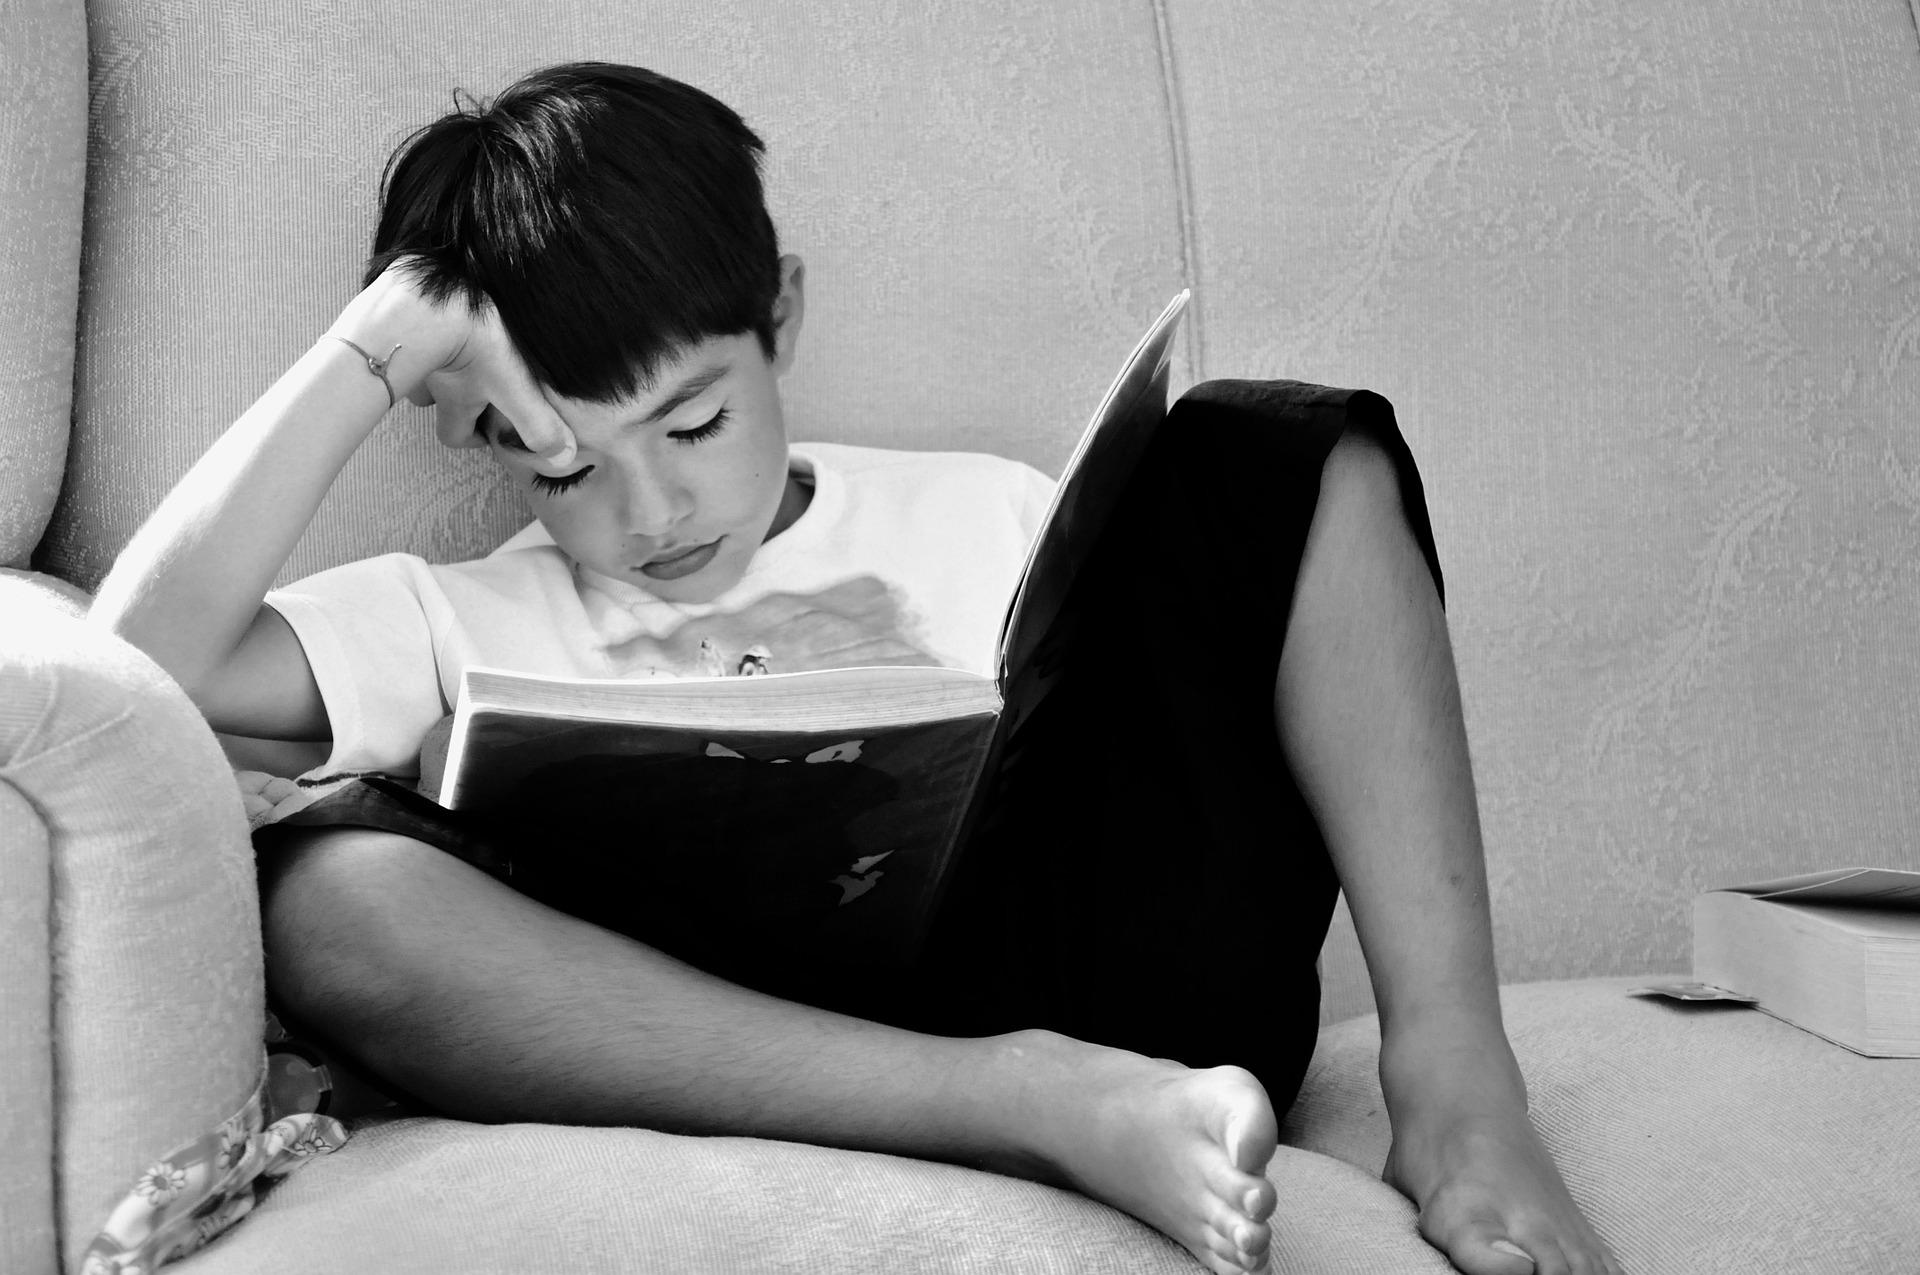 מדריך מיוחד: הפרעת קשב בקרב ילדים